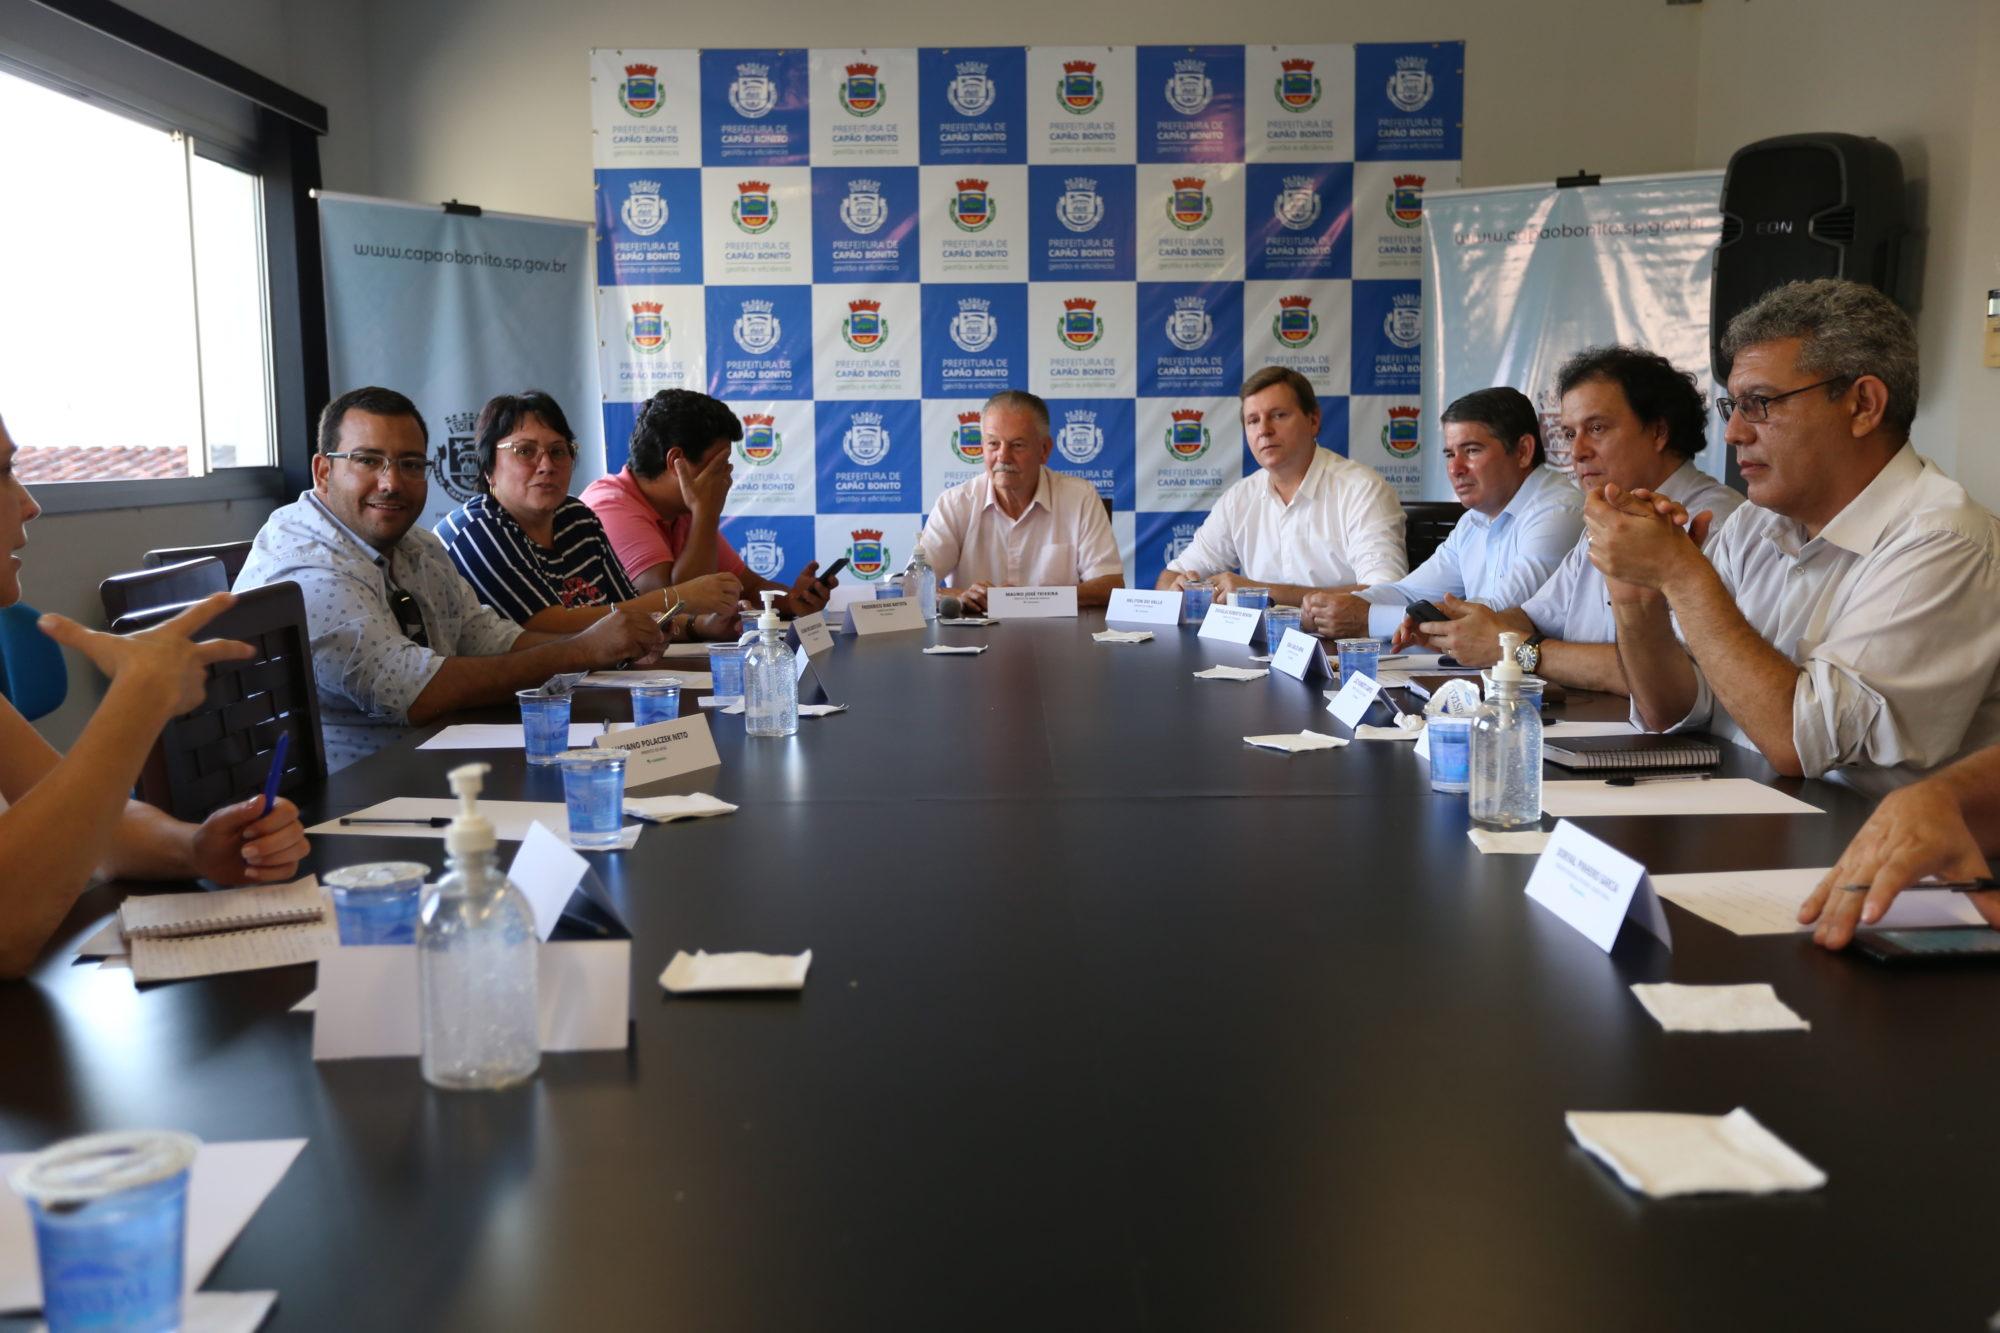 Coronavírus: Prefeito de Itararé (SP) se reúne com membros do Condersul para traçar plano de ação